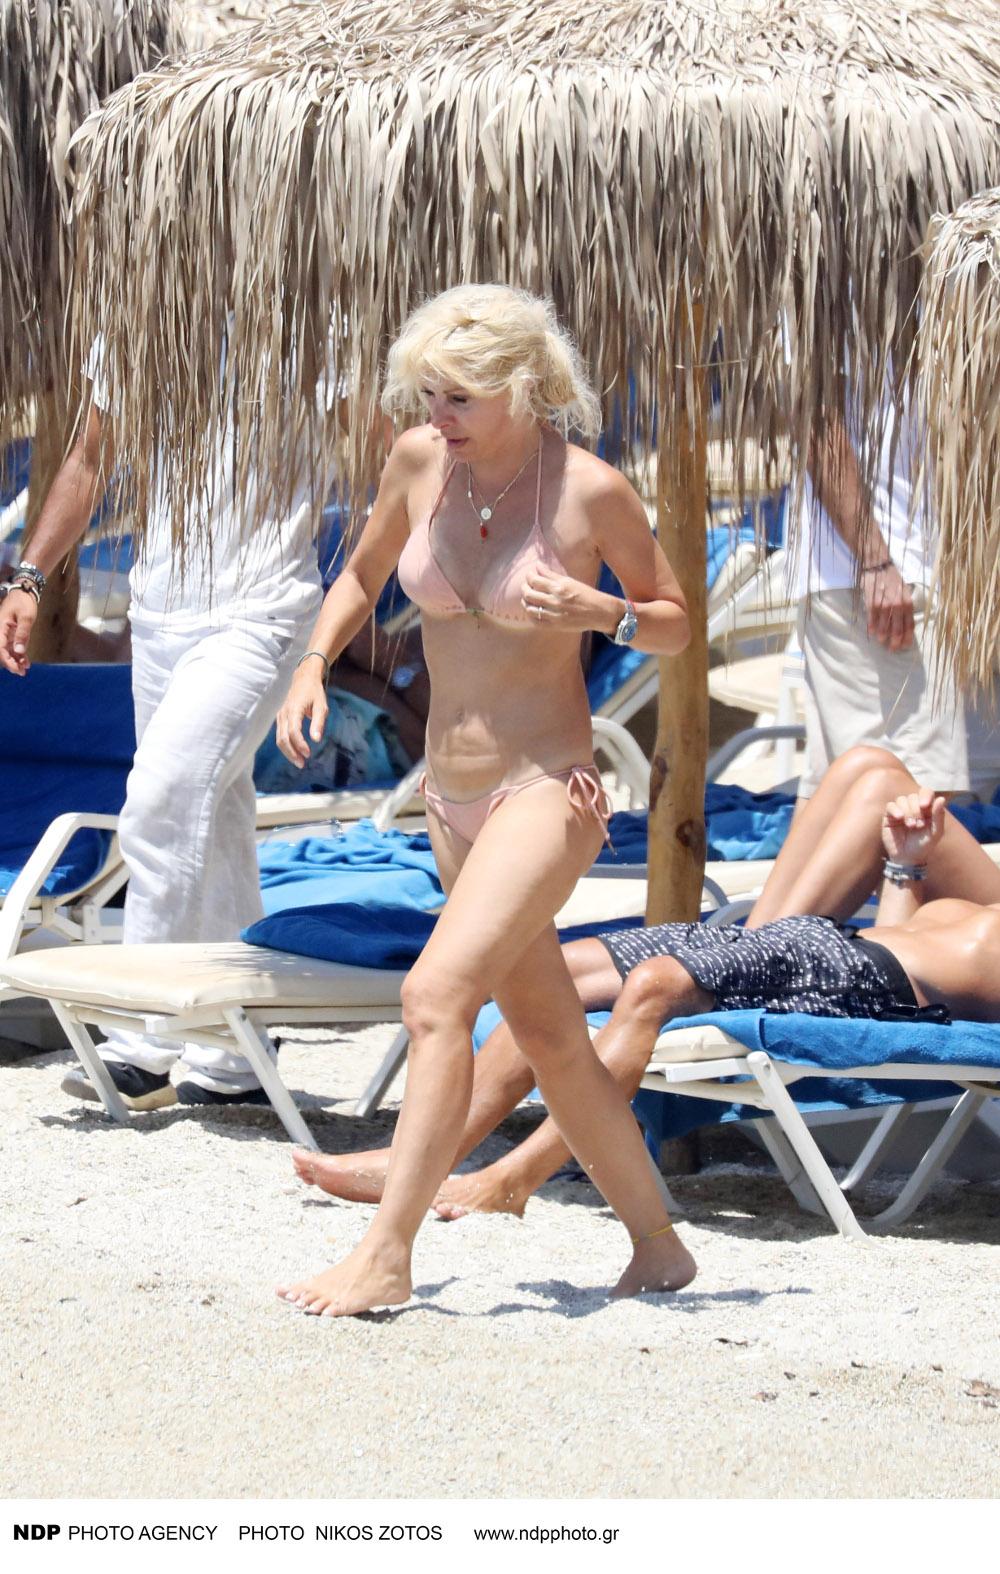 Η Ελένη Μενεγάκη χωρίς ίχνος μακιγιάζ και με ένα μικροσκοπικό σομόν μπικίνι, απόλαυσε το μπάνιο της σε παραλία της Μυκόνου